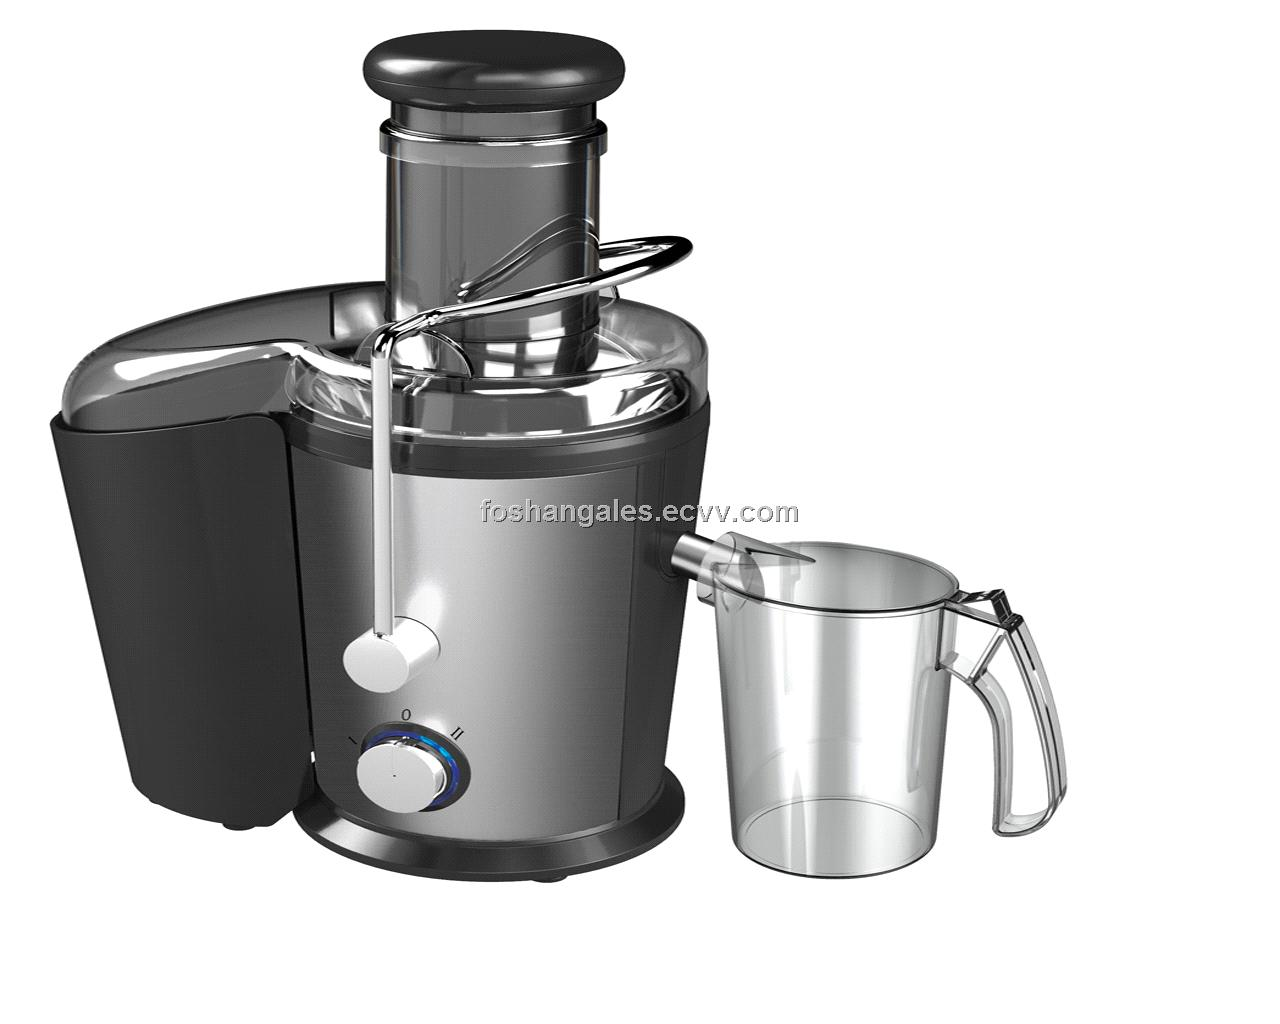 Slow Juicer Sri Lanka : 800w 75mm large tube juicer purchasing, souring agent ECvv.com purchasing service platform